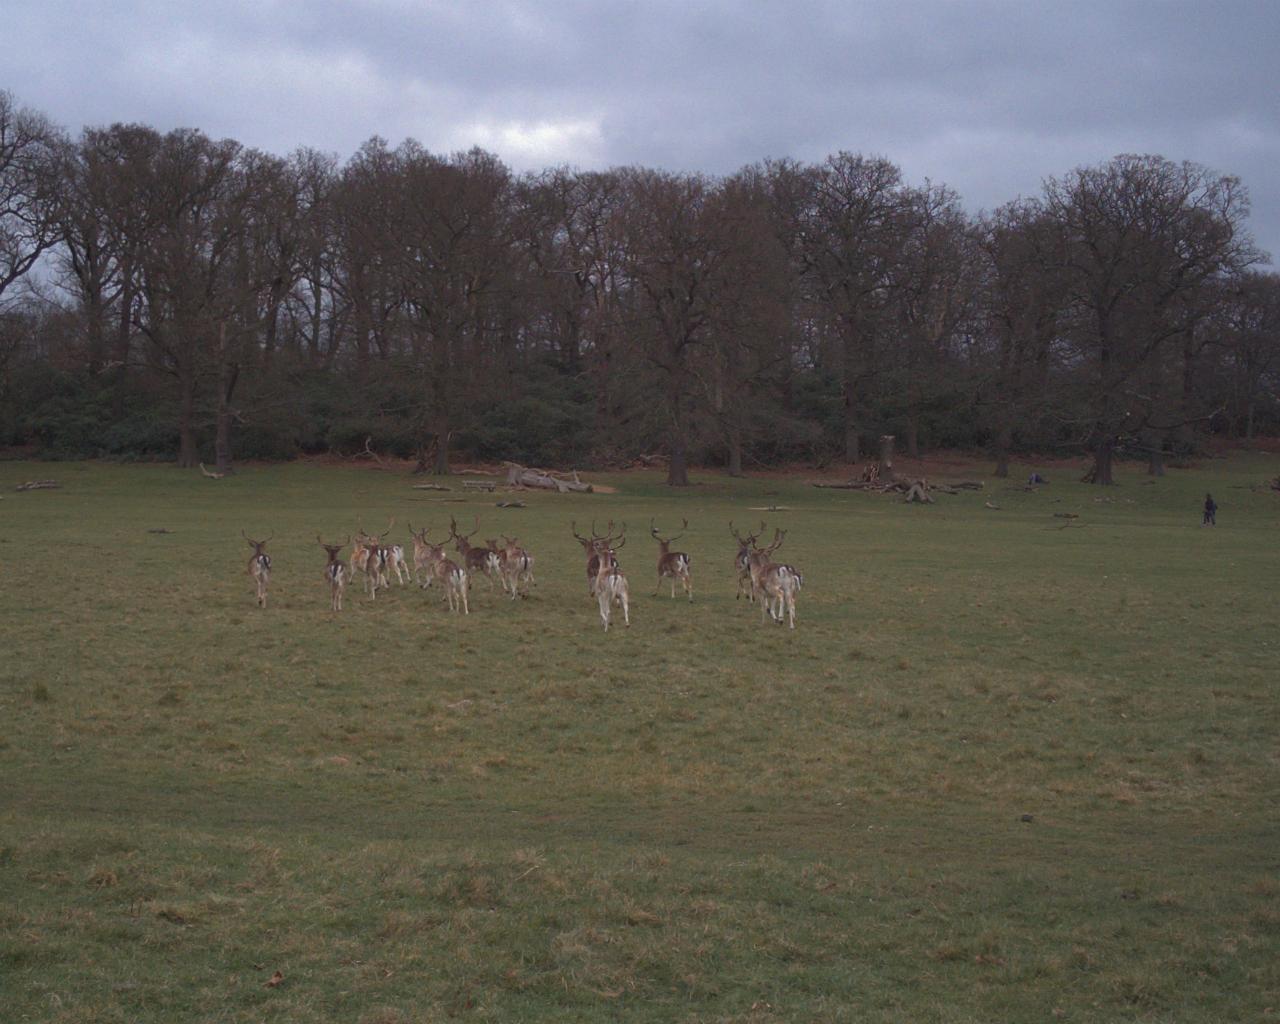 ダマジカの雄の群れ|ロンドンのリッチモンド・パークにて|2016年3月20日撮影